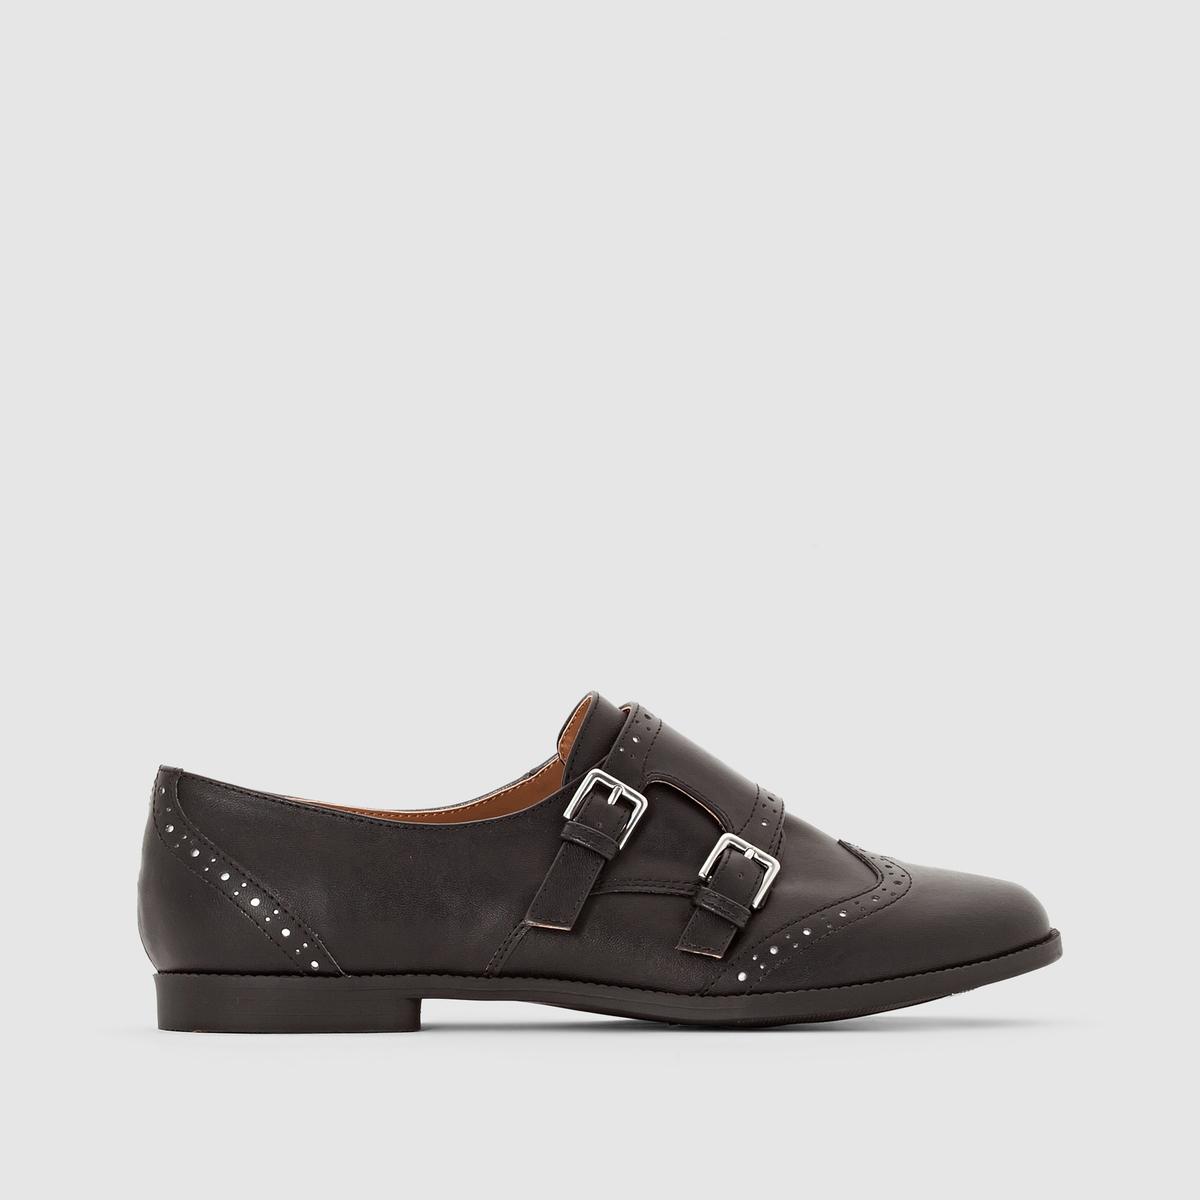 Ботинки-дерби с двойной шнуровкойПодкладка: Из синтетического материала           Стелька: Из синтетического материала           Подошва: эластомер.            Форма каблука : Плоский каблук           Мысок : Закруглённый           Застежка: Шнуровка<br><br>Цвет: черный<br>Размер: 36